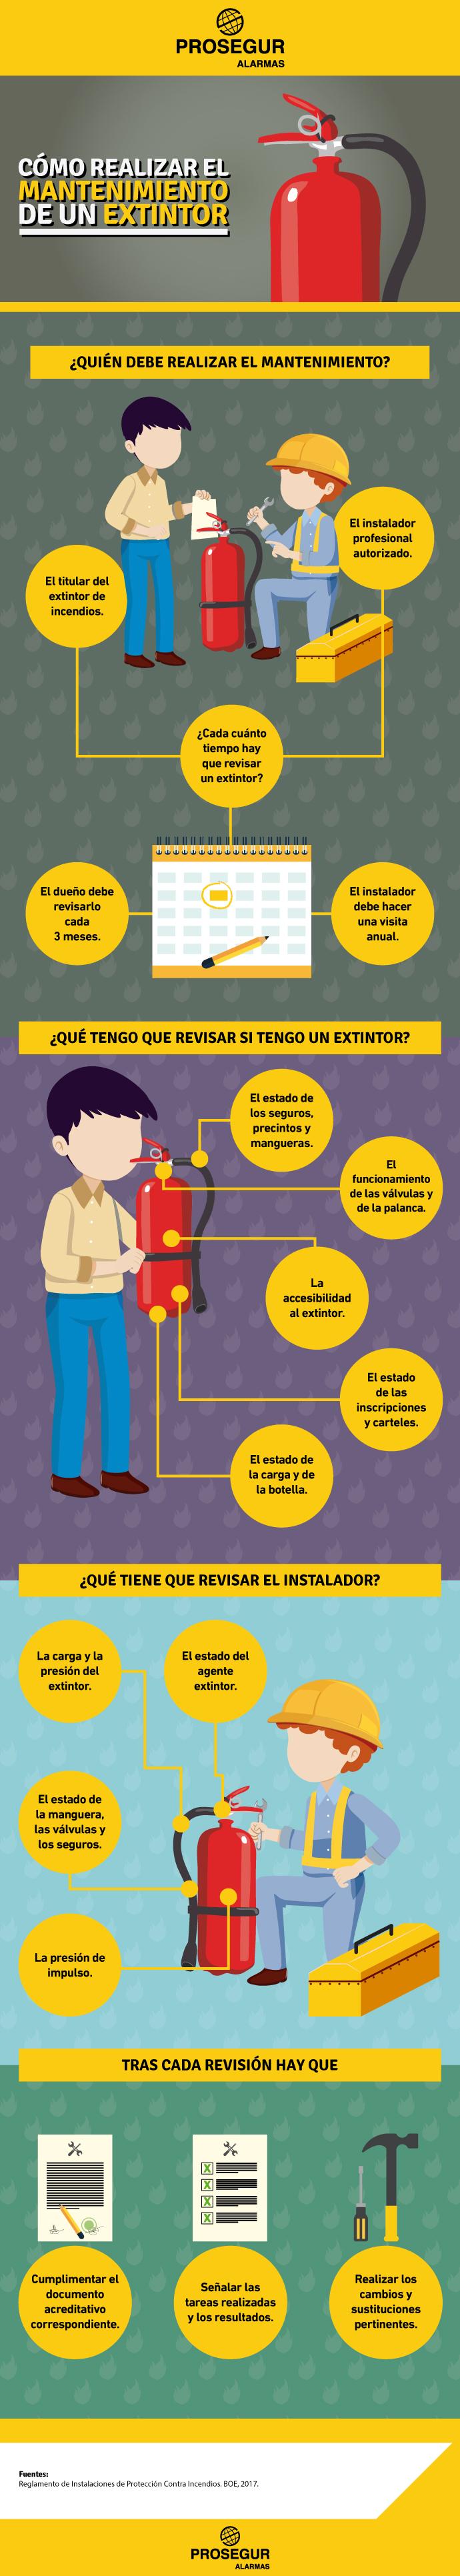 Descubre cómo hacer el mantenimiento de los extintores de tu negocio o de tu casa.